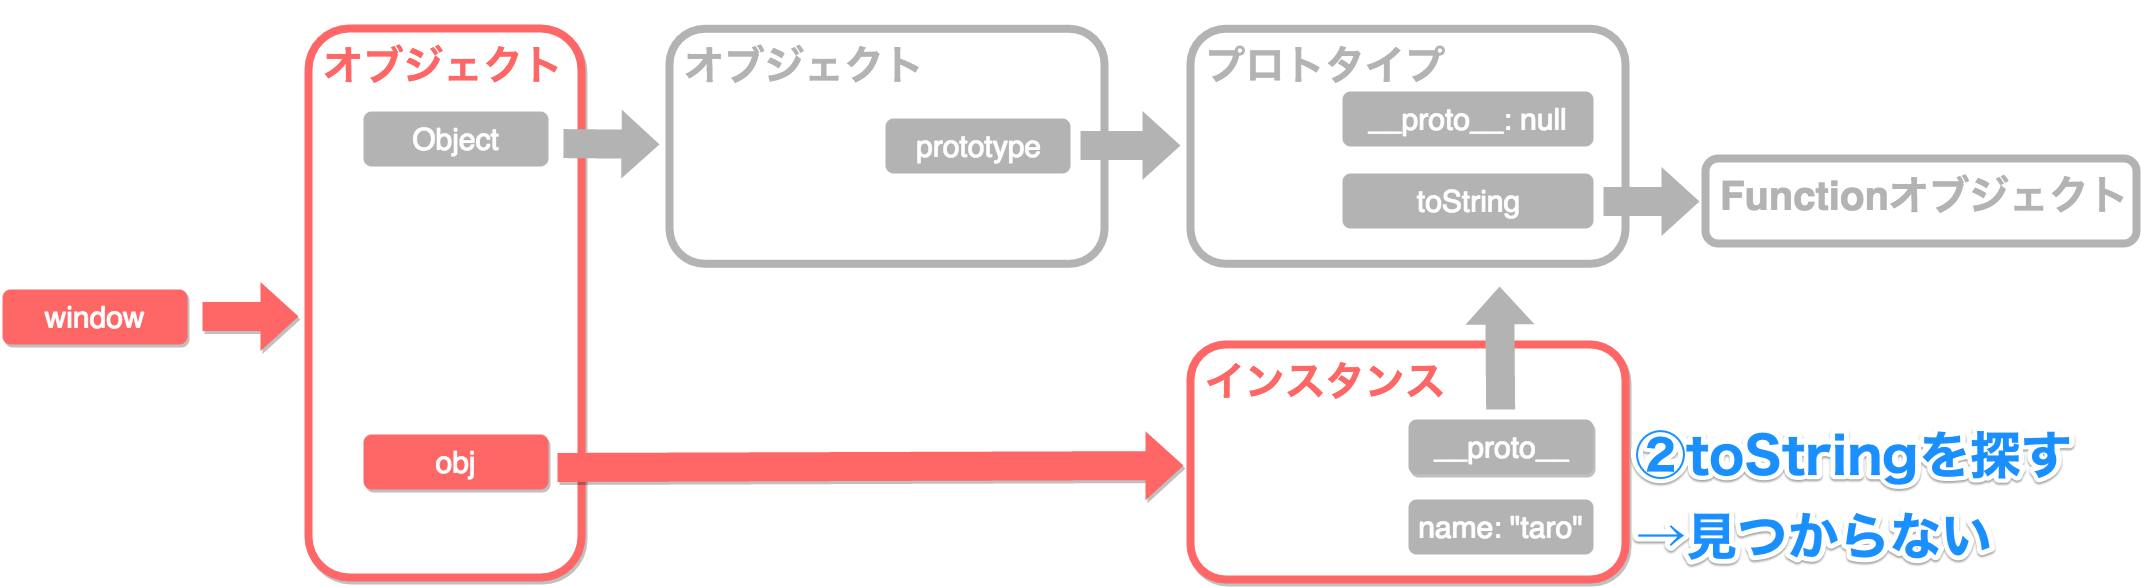 プロトタイプチェーン2_2.png